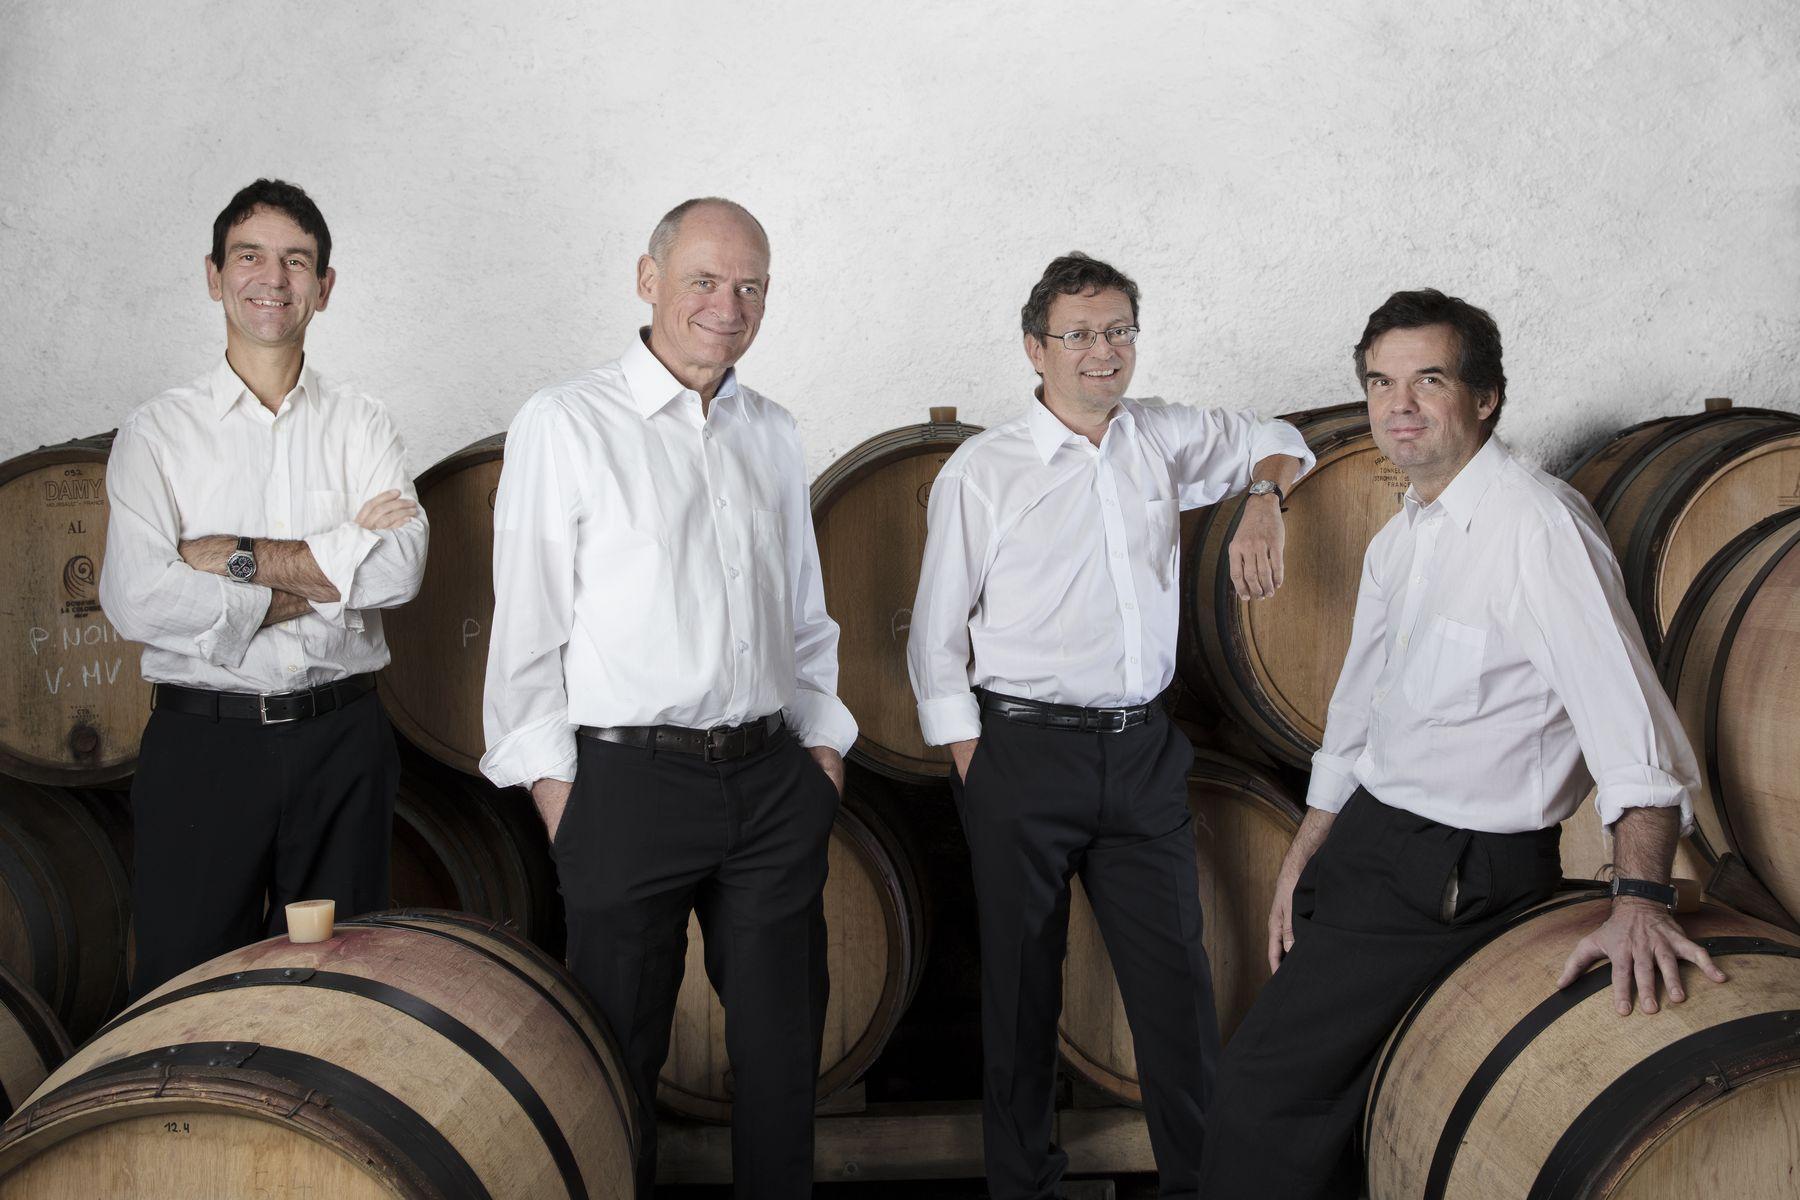 Quatuor-Sine-Nomine--Anne-Laure-Lechat